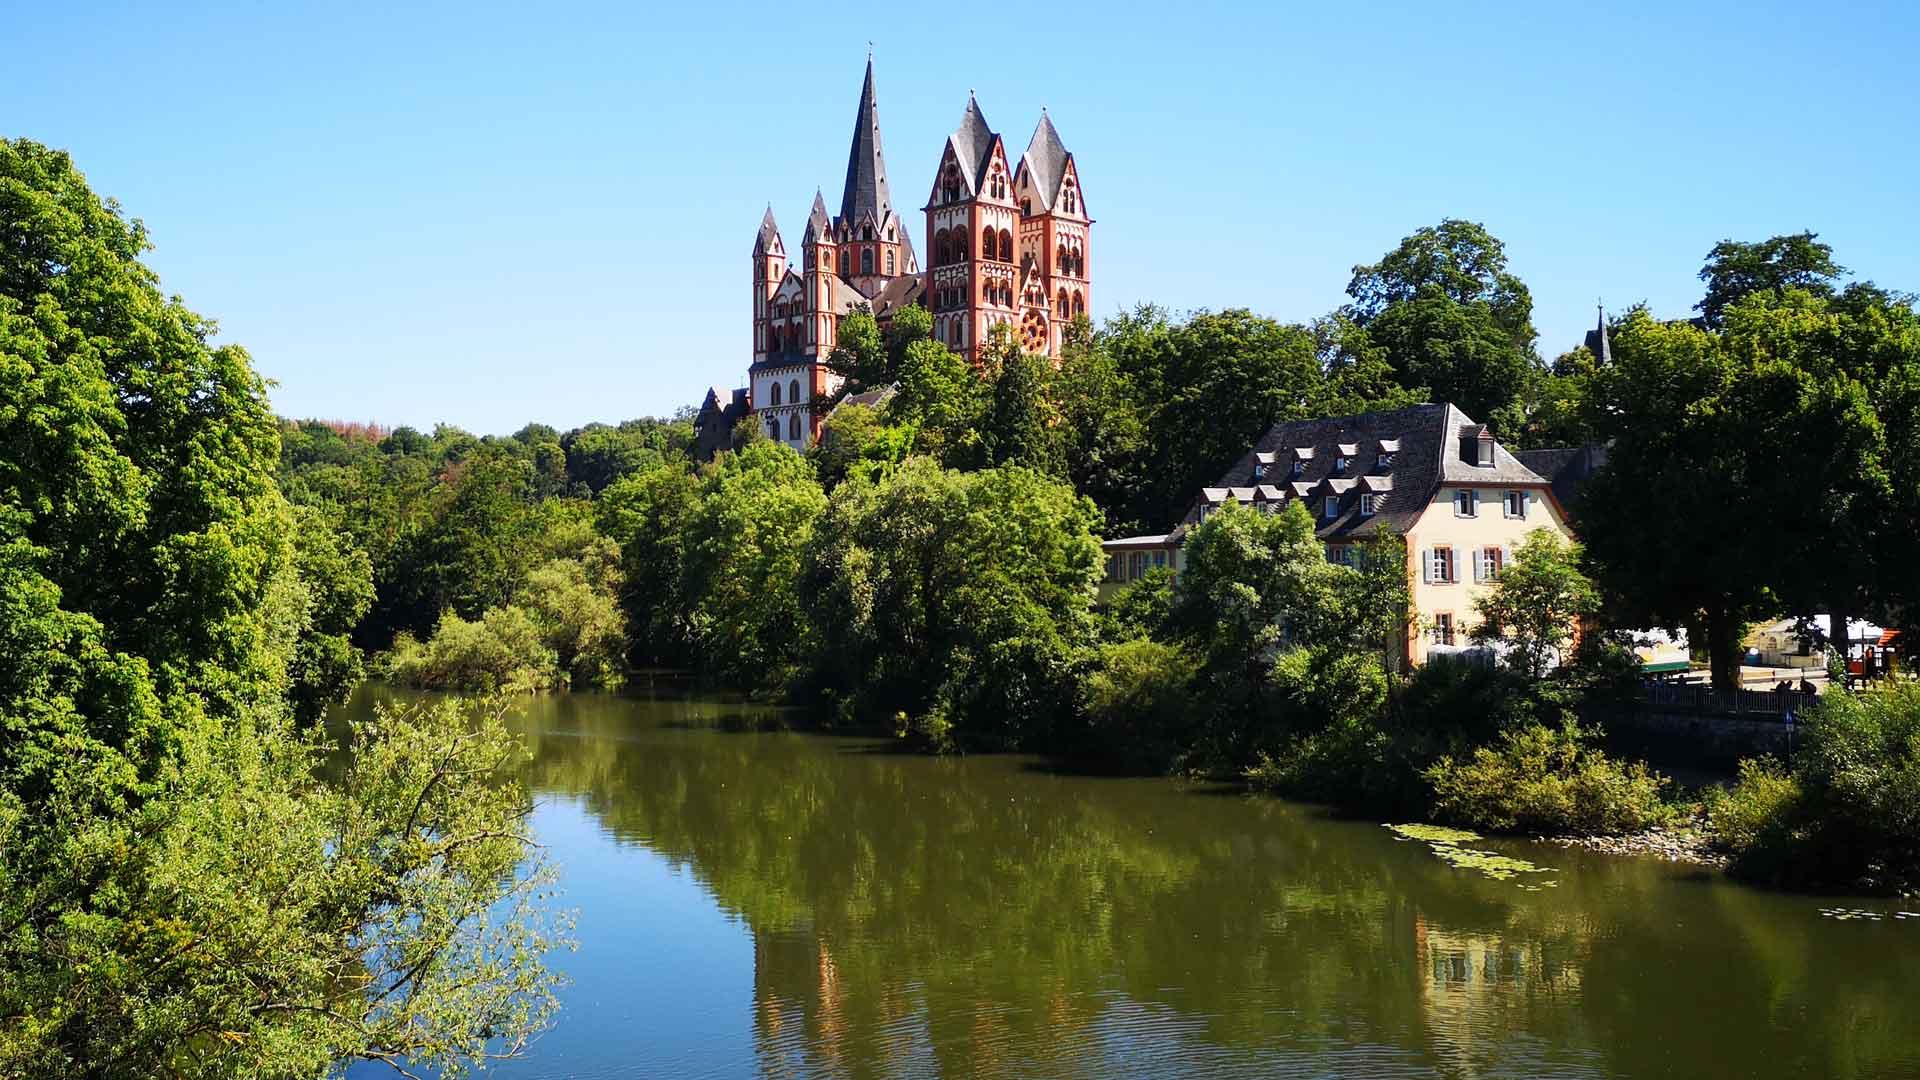 Vanaf de oude brug heb je het mooiste uitzicht op de dom van Limburg aan de Lahn.